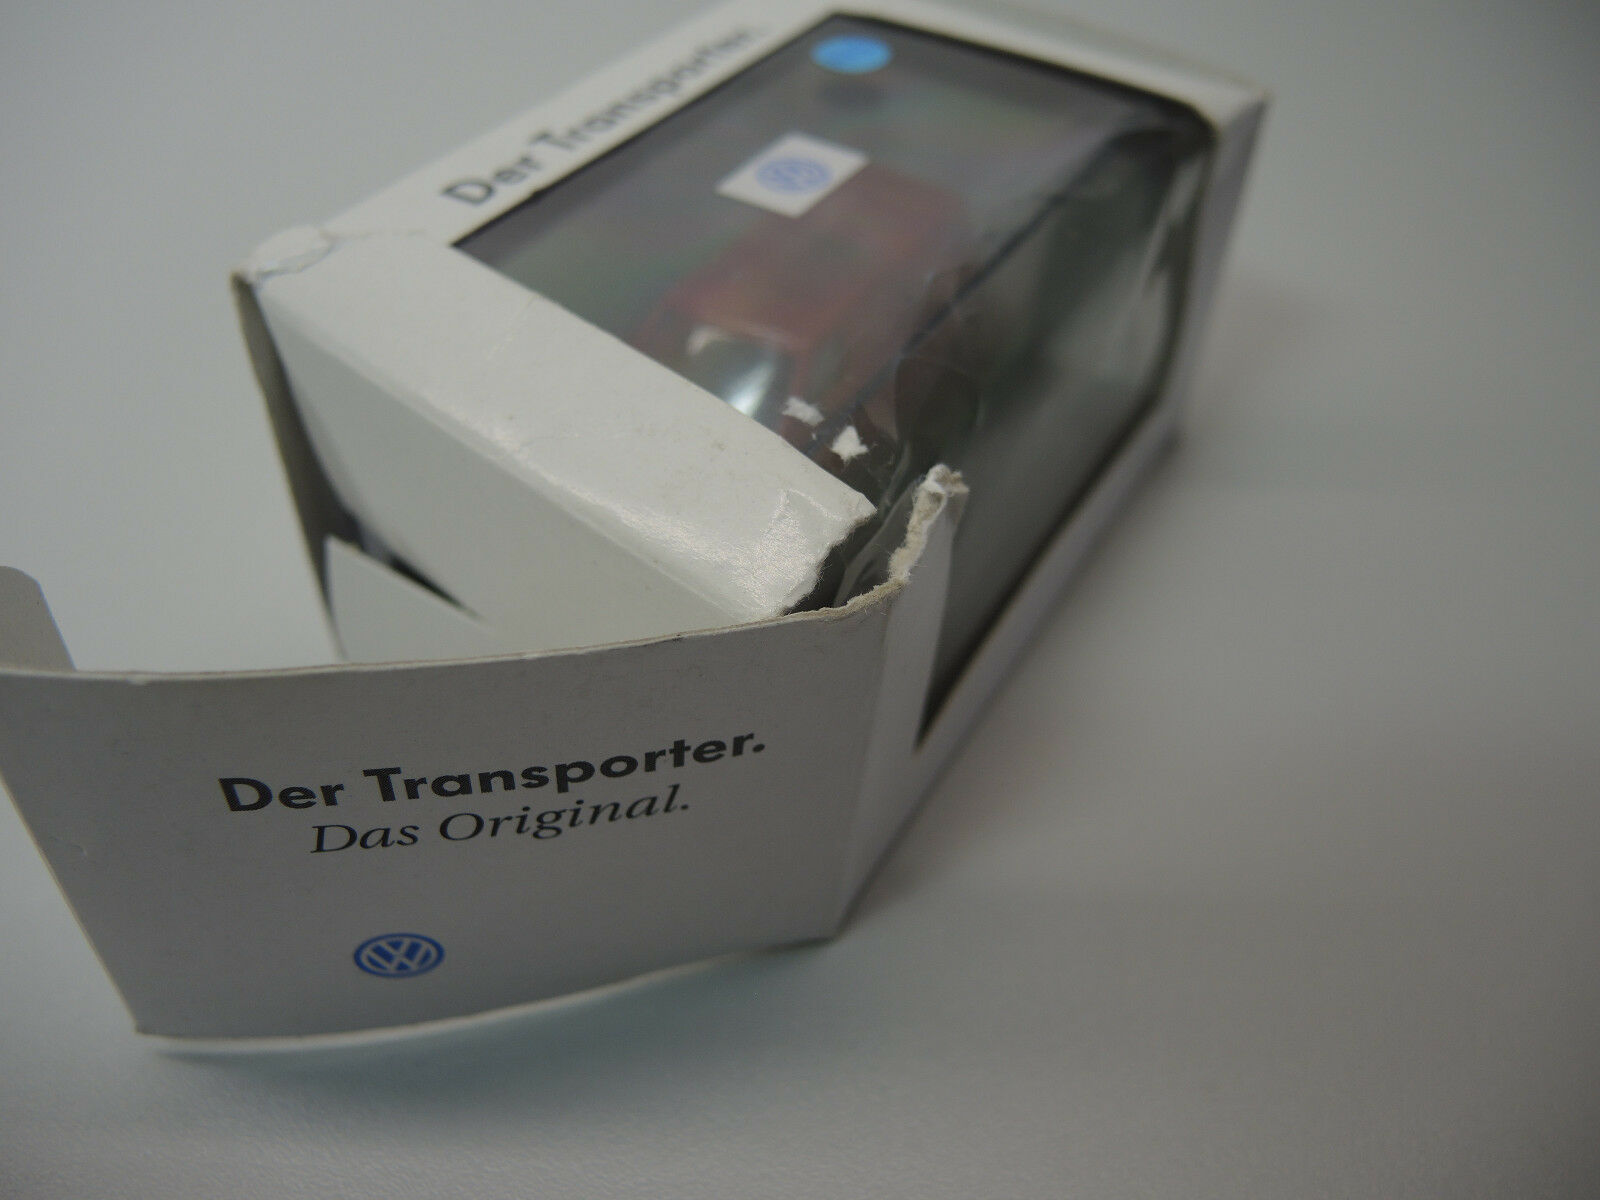 Herpa 11 X de la LT, Volkswagen Volkswagen Volkswagen LT simplemente más ventajas, Volkswagen Transporter 22463a